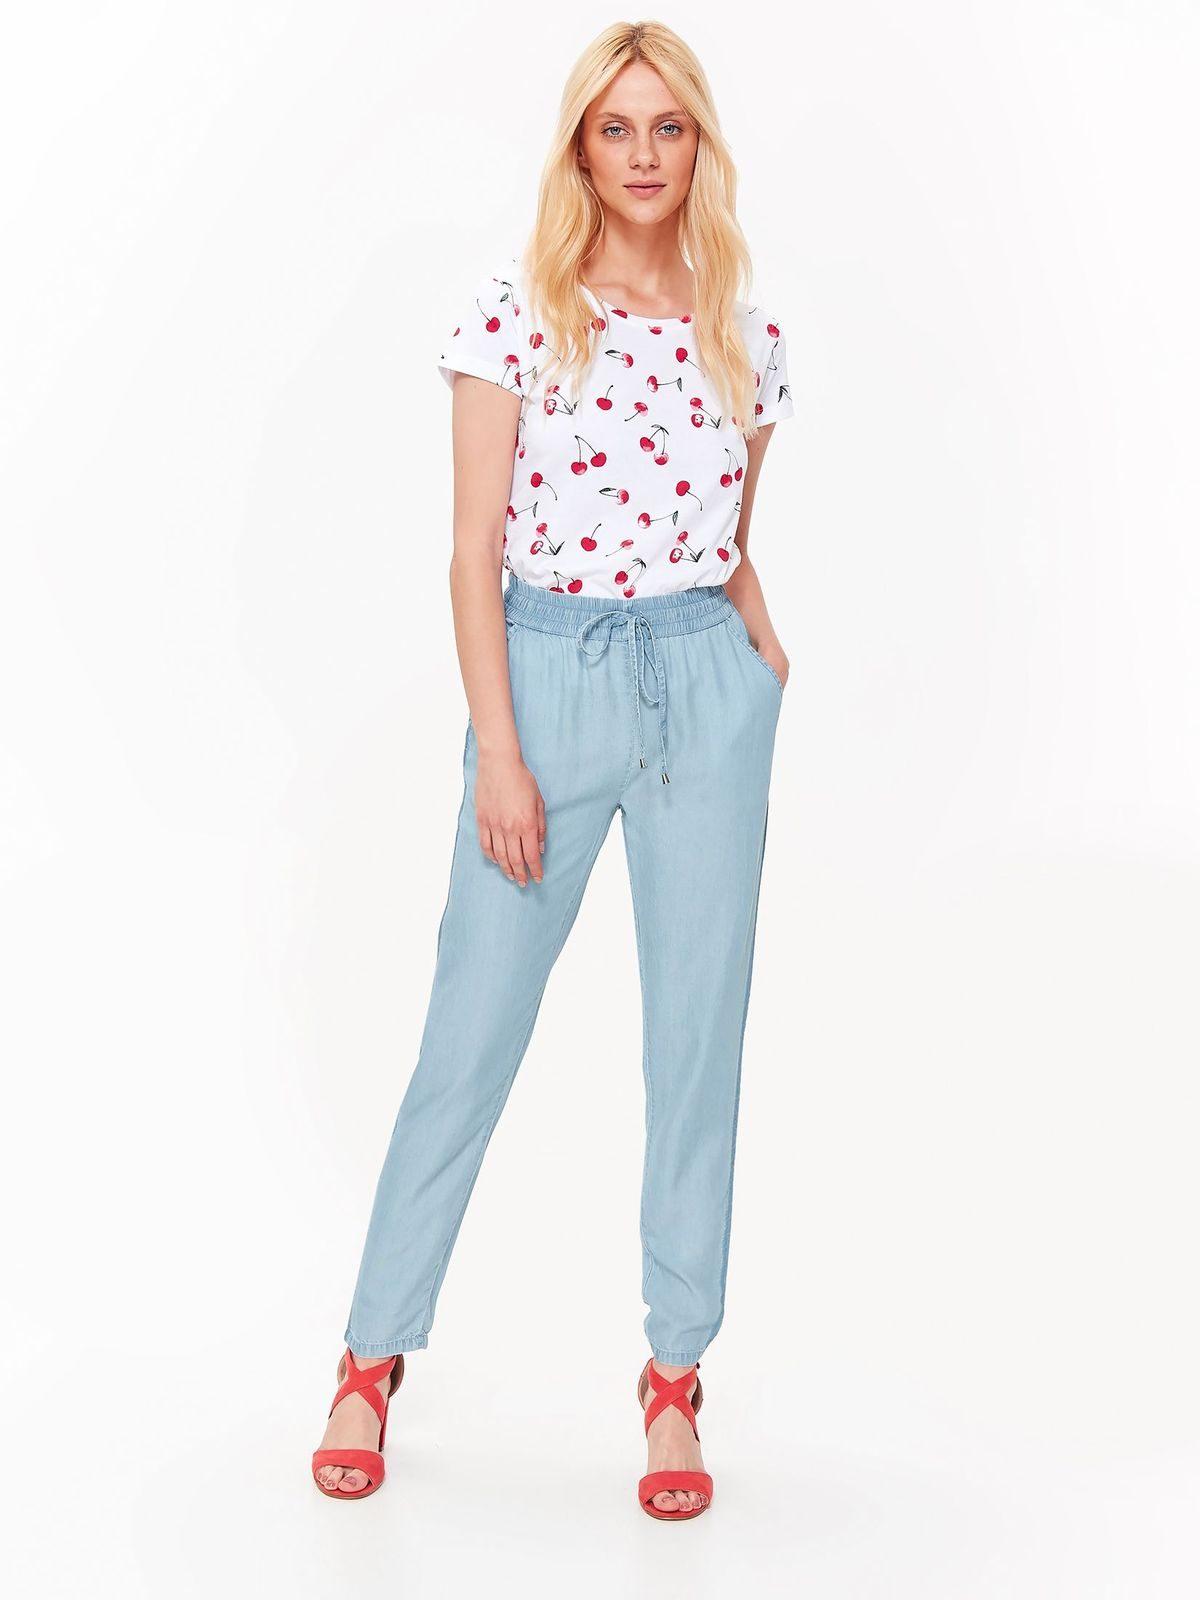 Tričko s krátkym rukávom biele a potlačou čerešní  e3beba48507